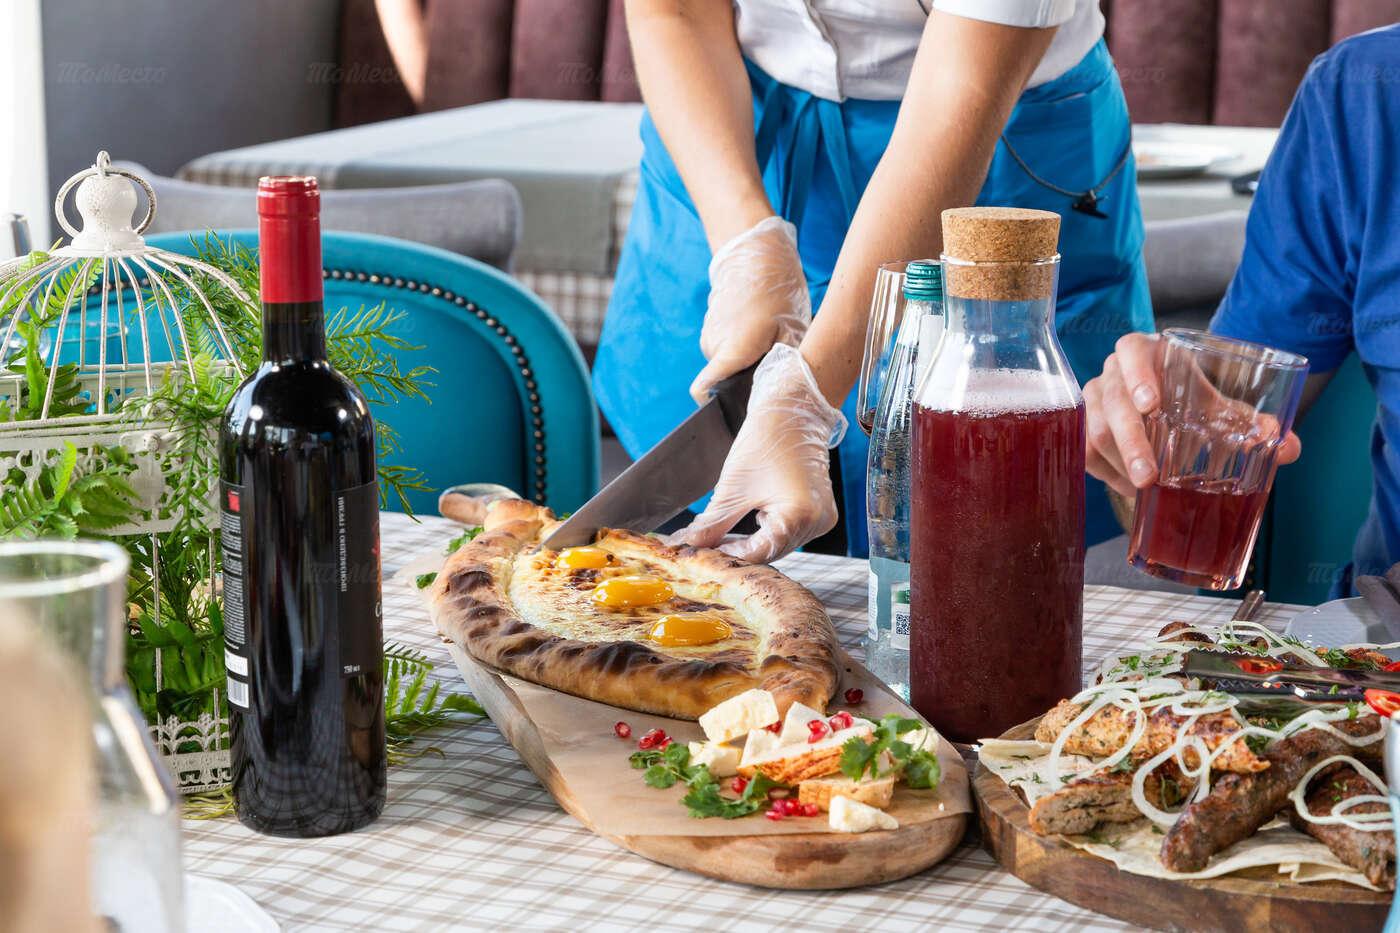 Меню ресторана Мамино  фото 38